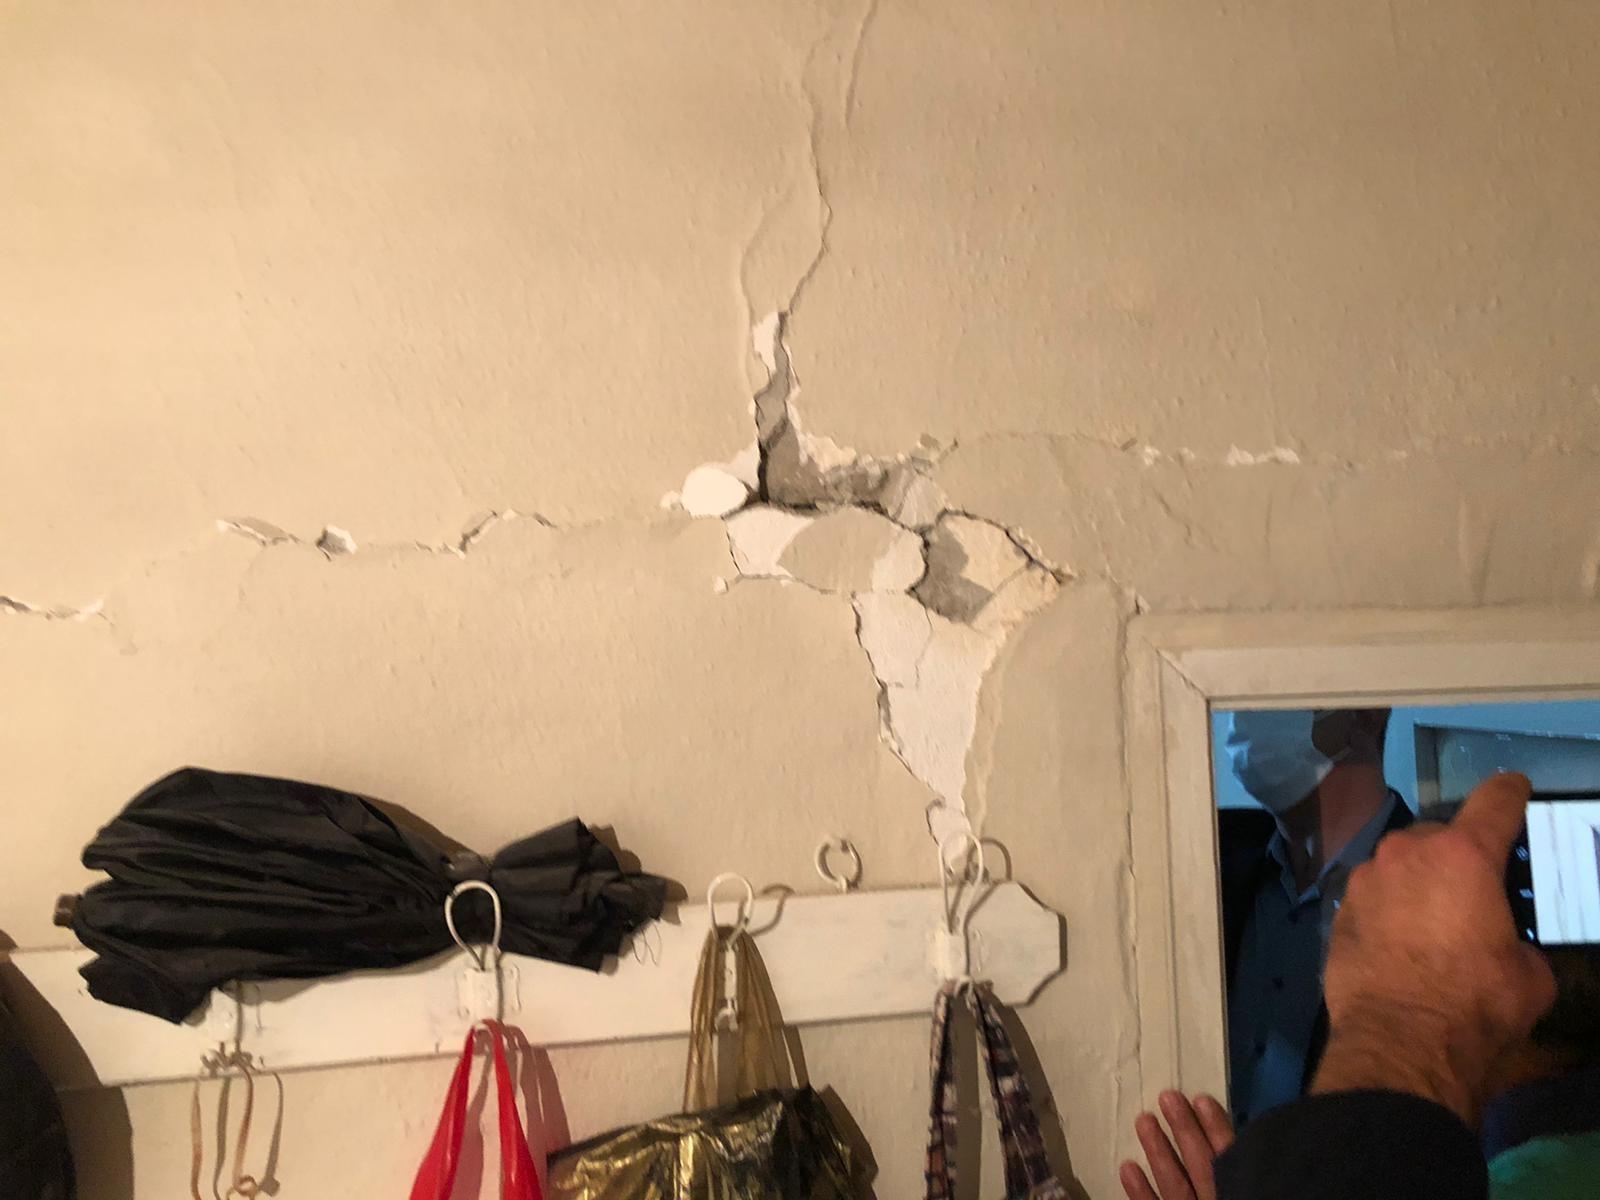 nigdede-5-1-buyuklugunde-deprem-5-1717-dhaphoto3.jpg